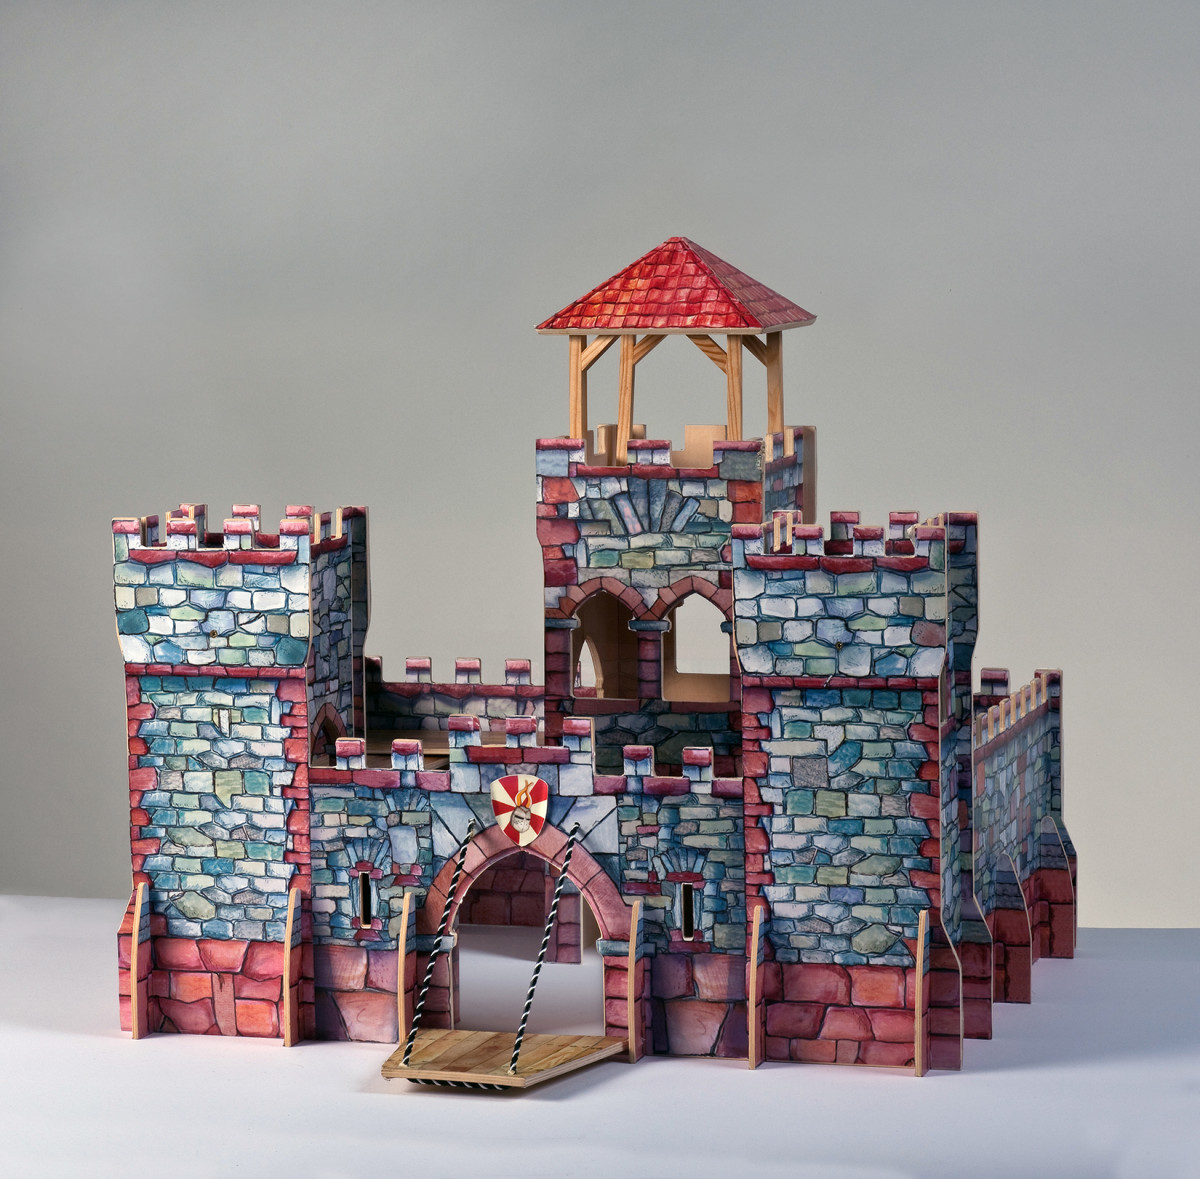 blatteins gestaltet und entwickelt Spielwaren